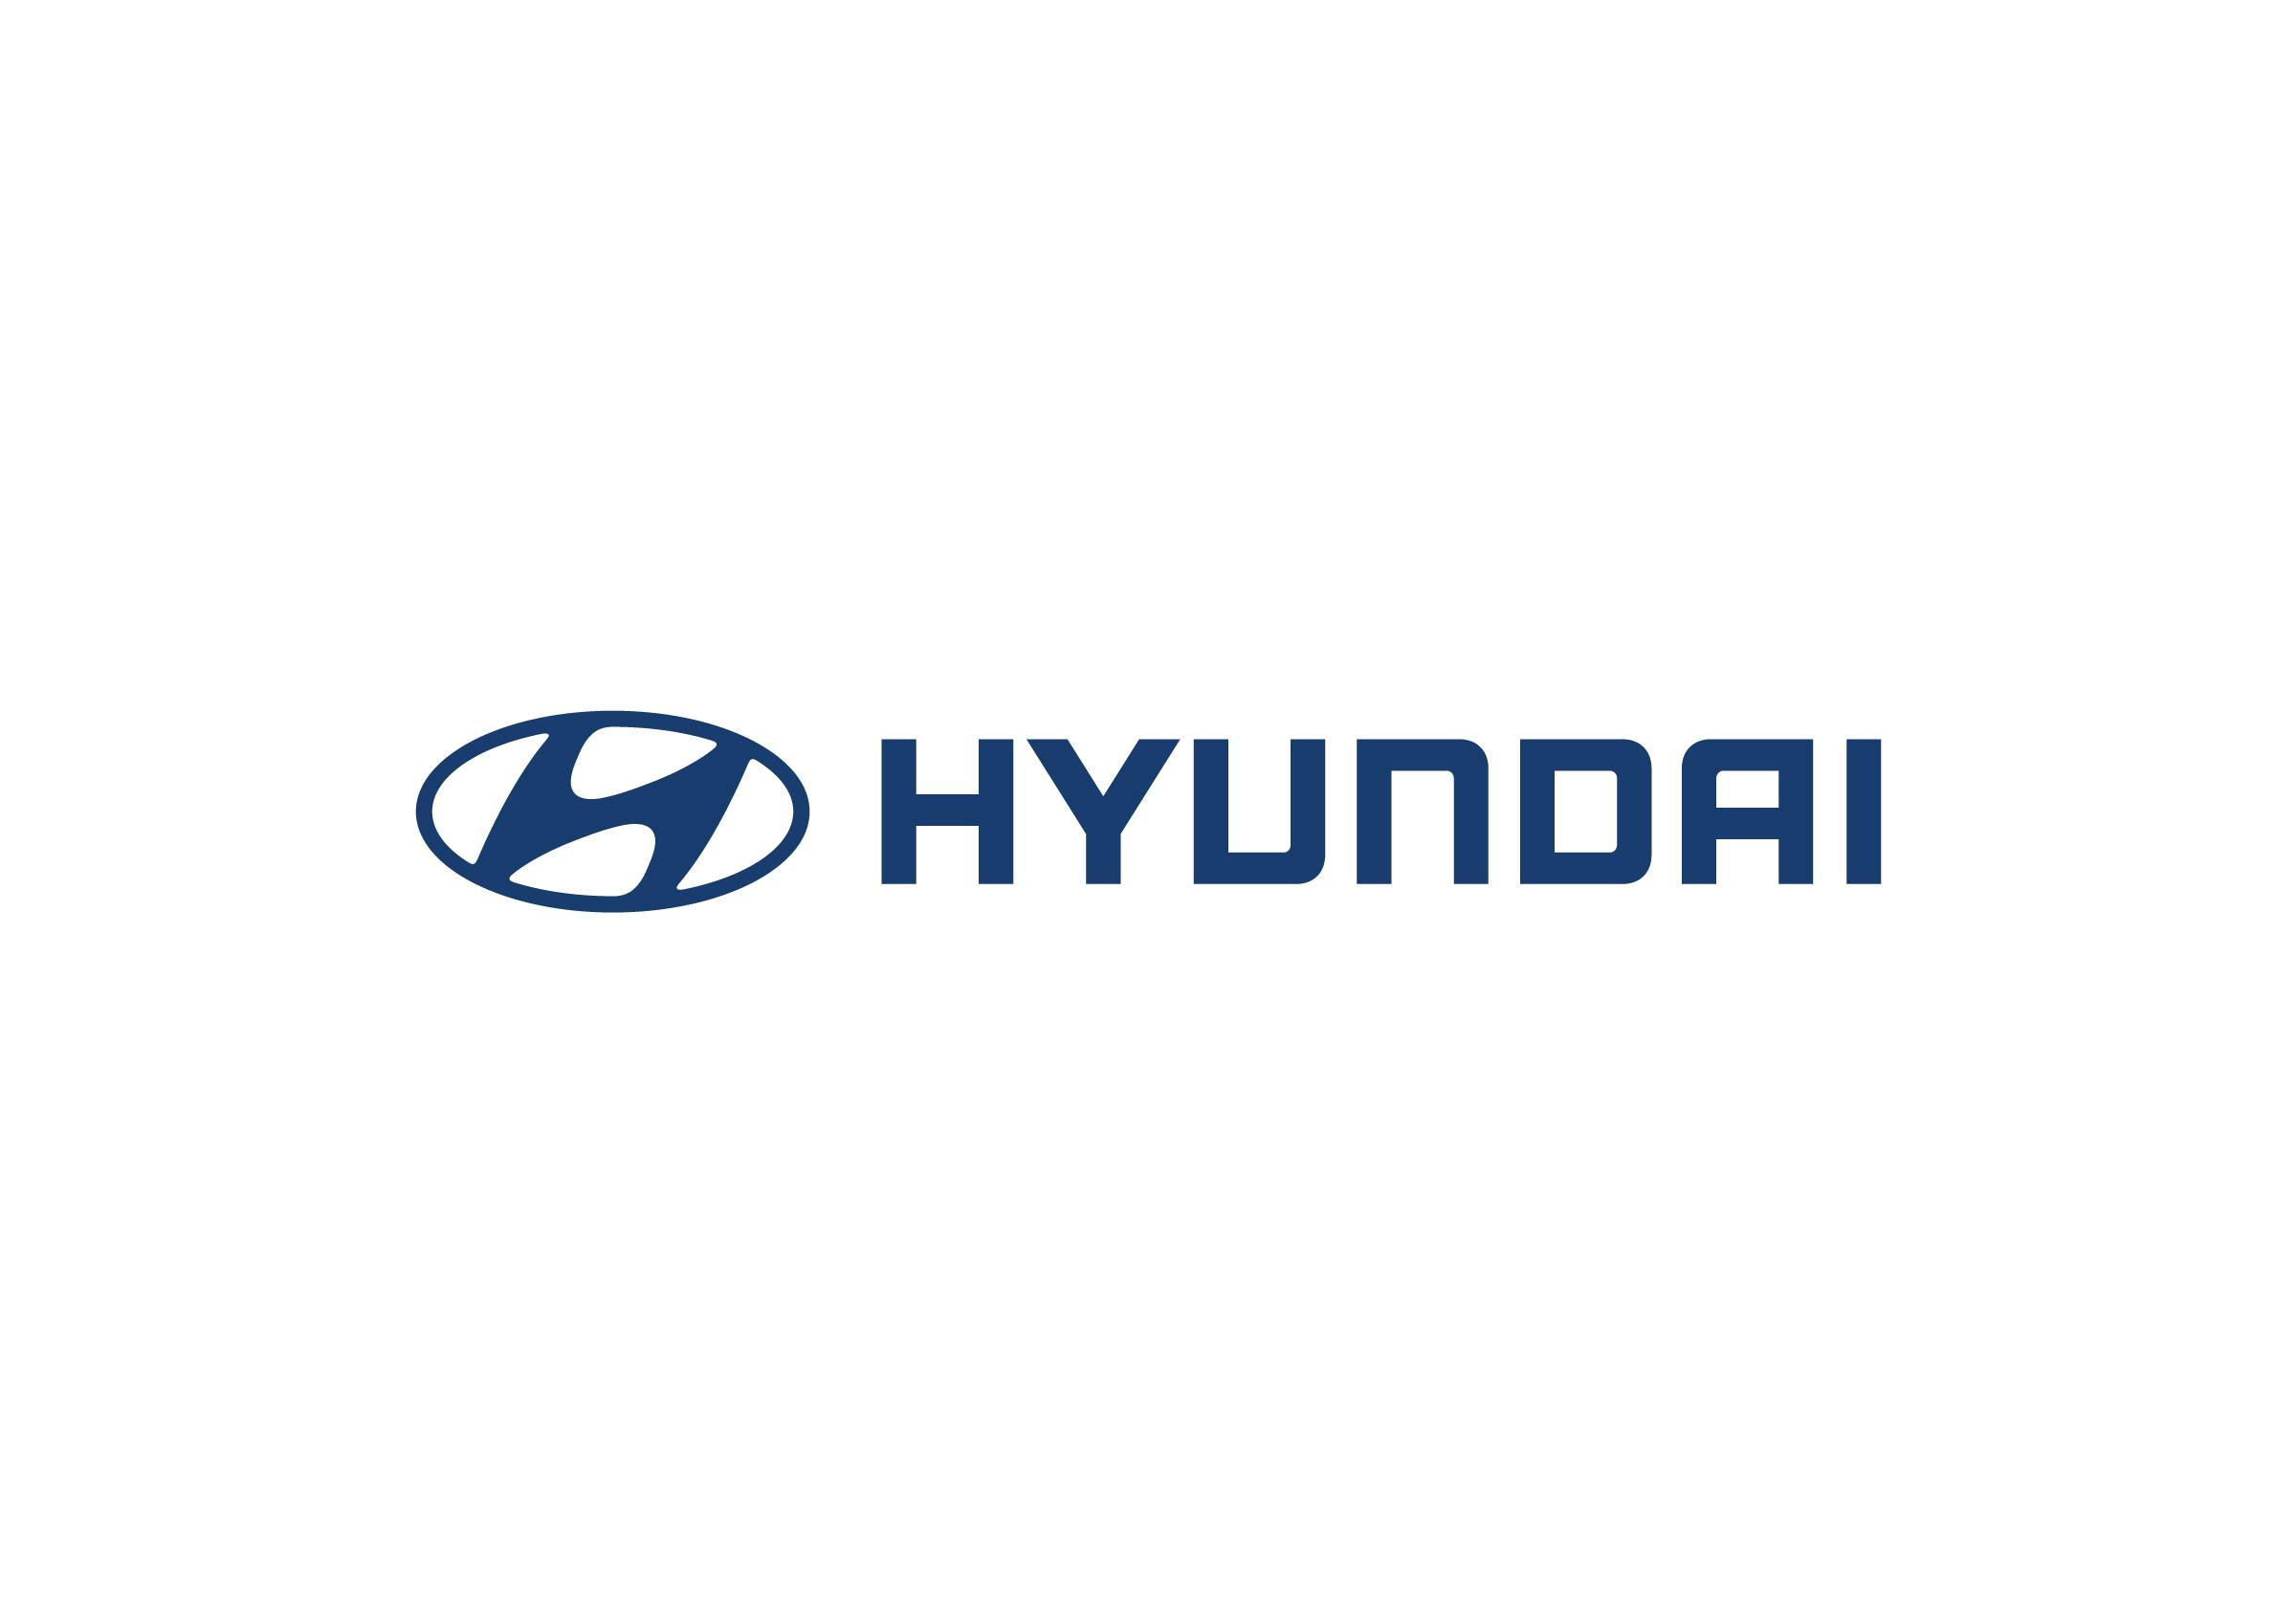 hyundai_logo_horizontal.jpg